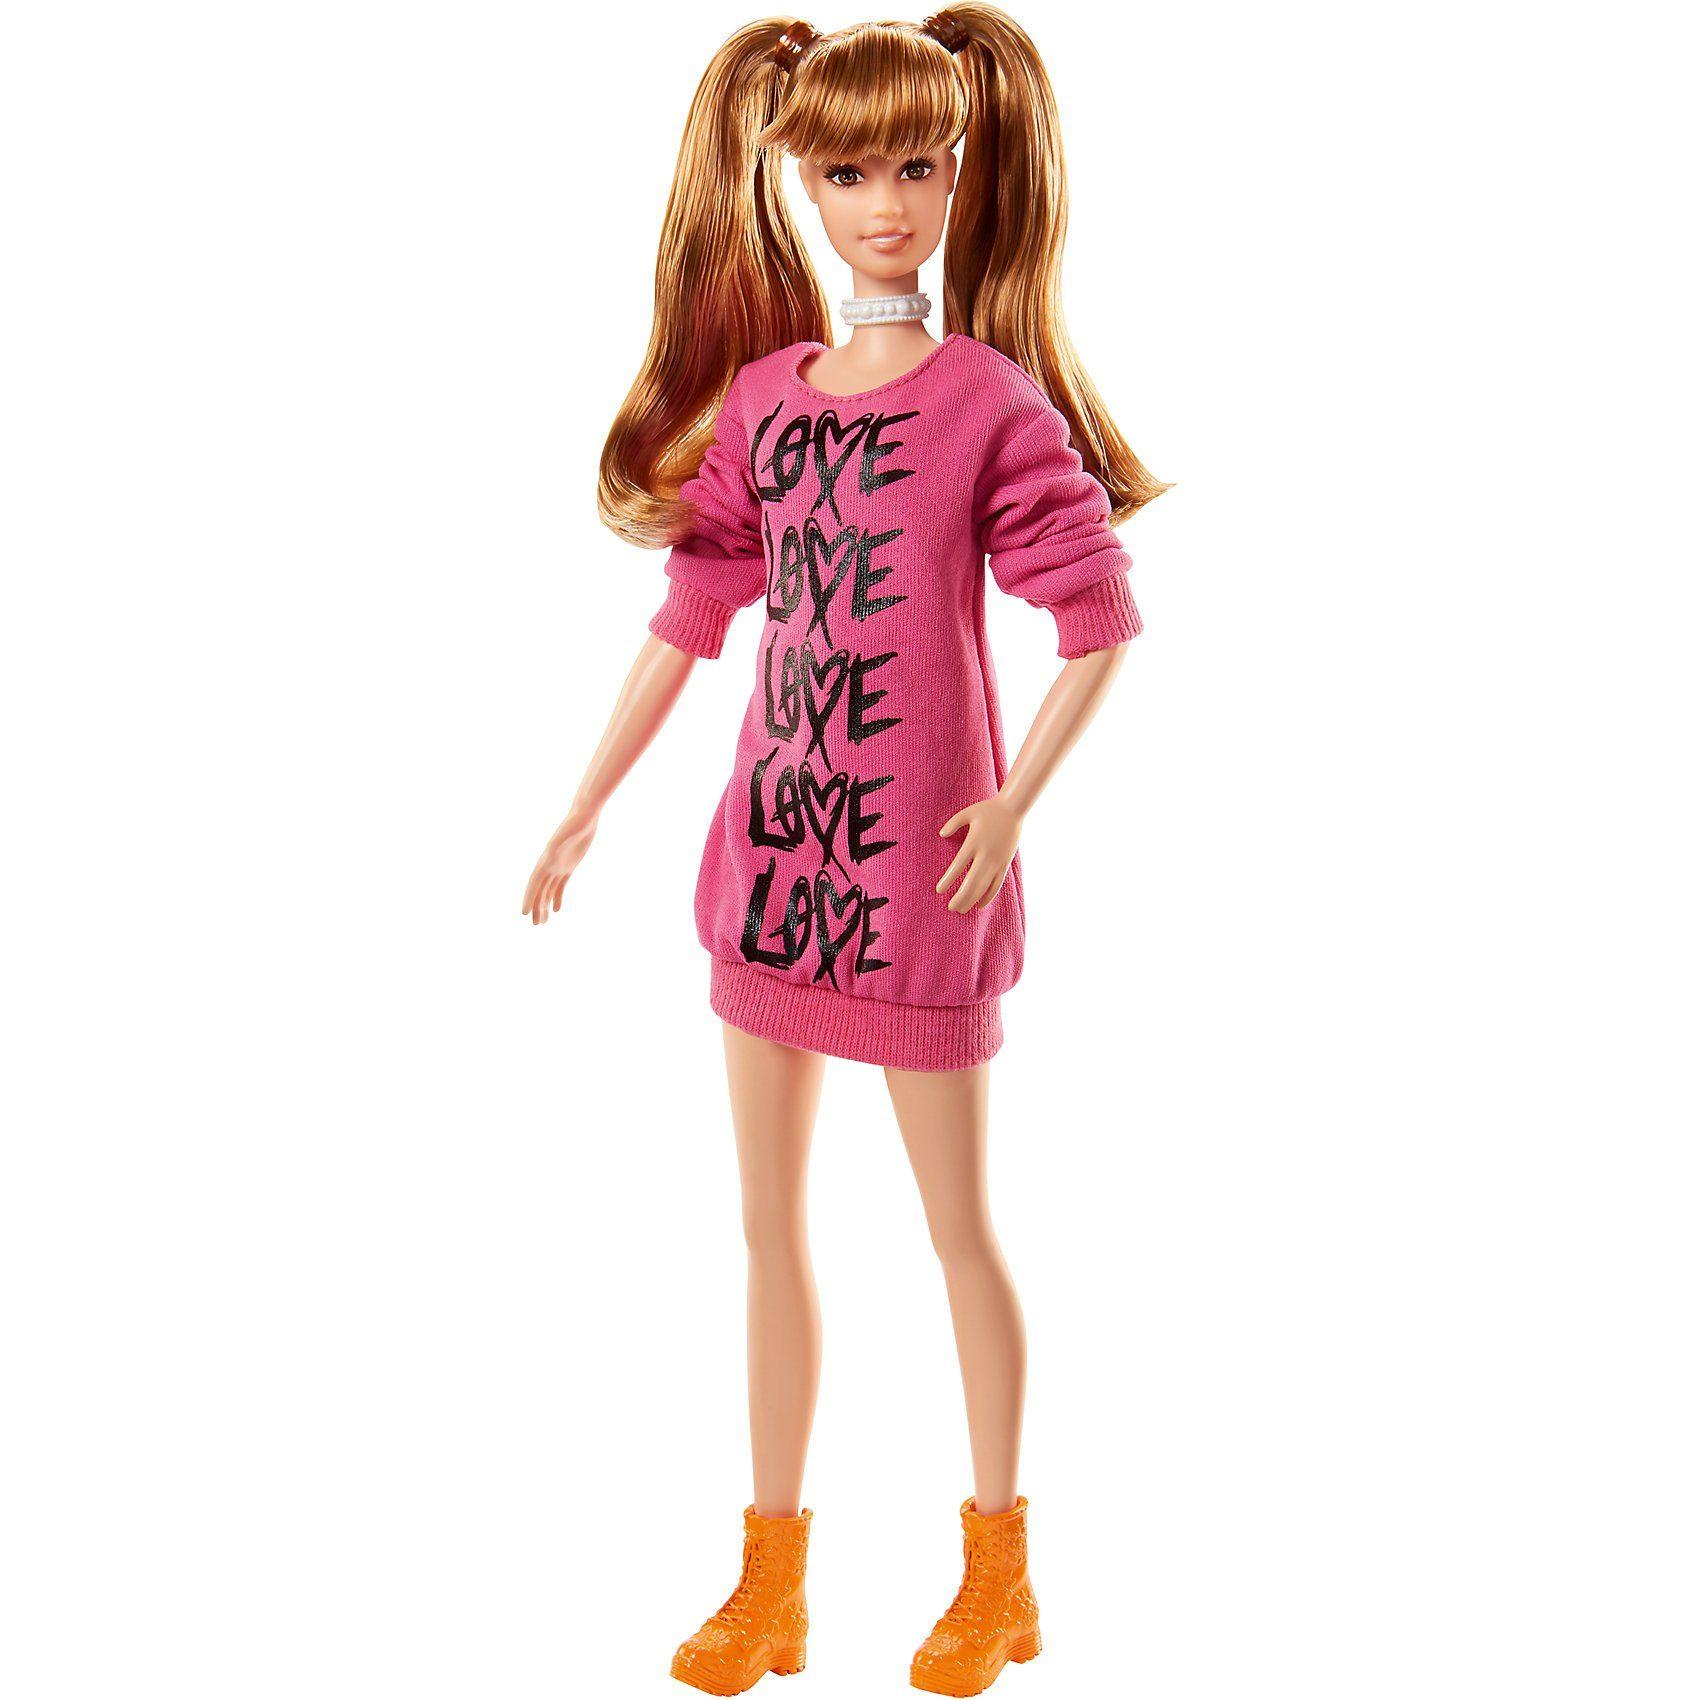 Mattel® Barbie Fashionista Puppe mit Zöpfen im pinken Pullover-Kleid